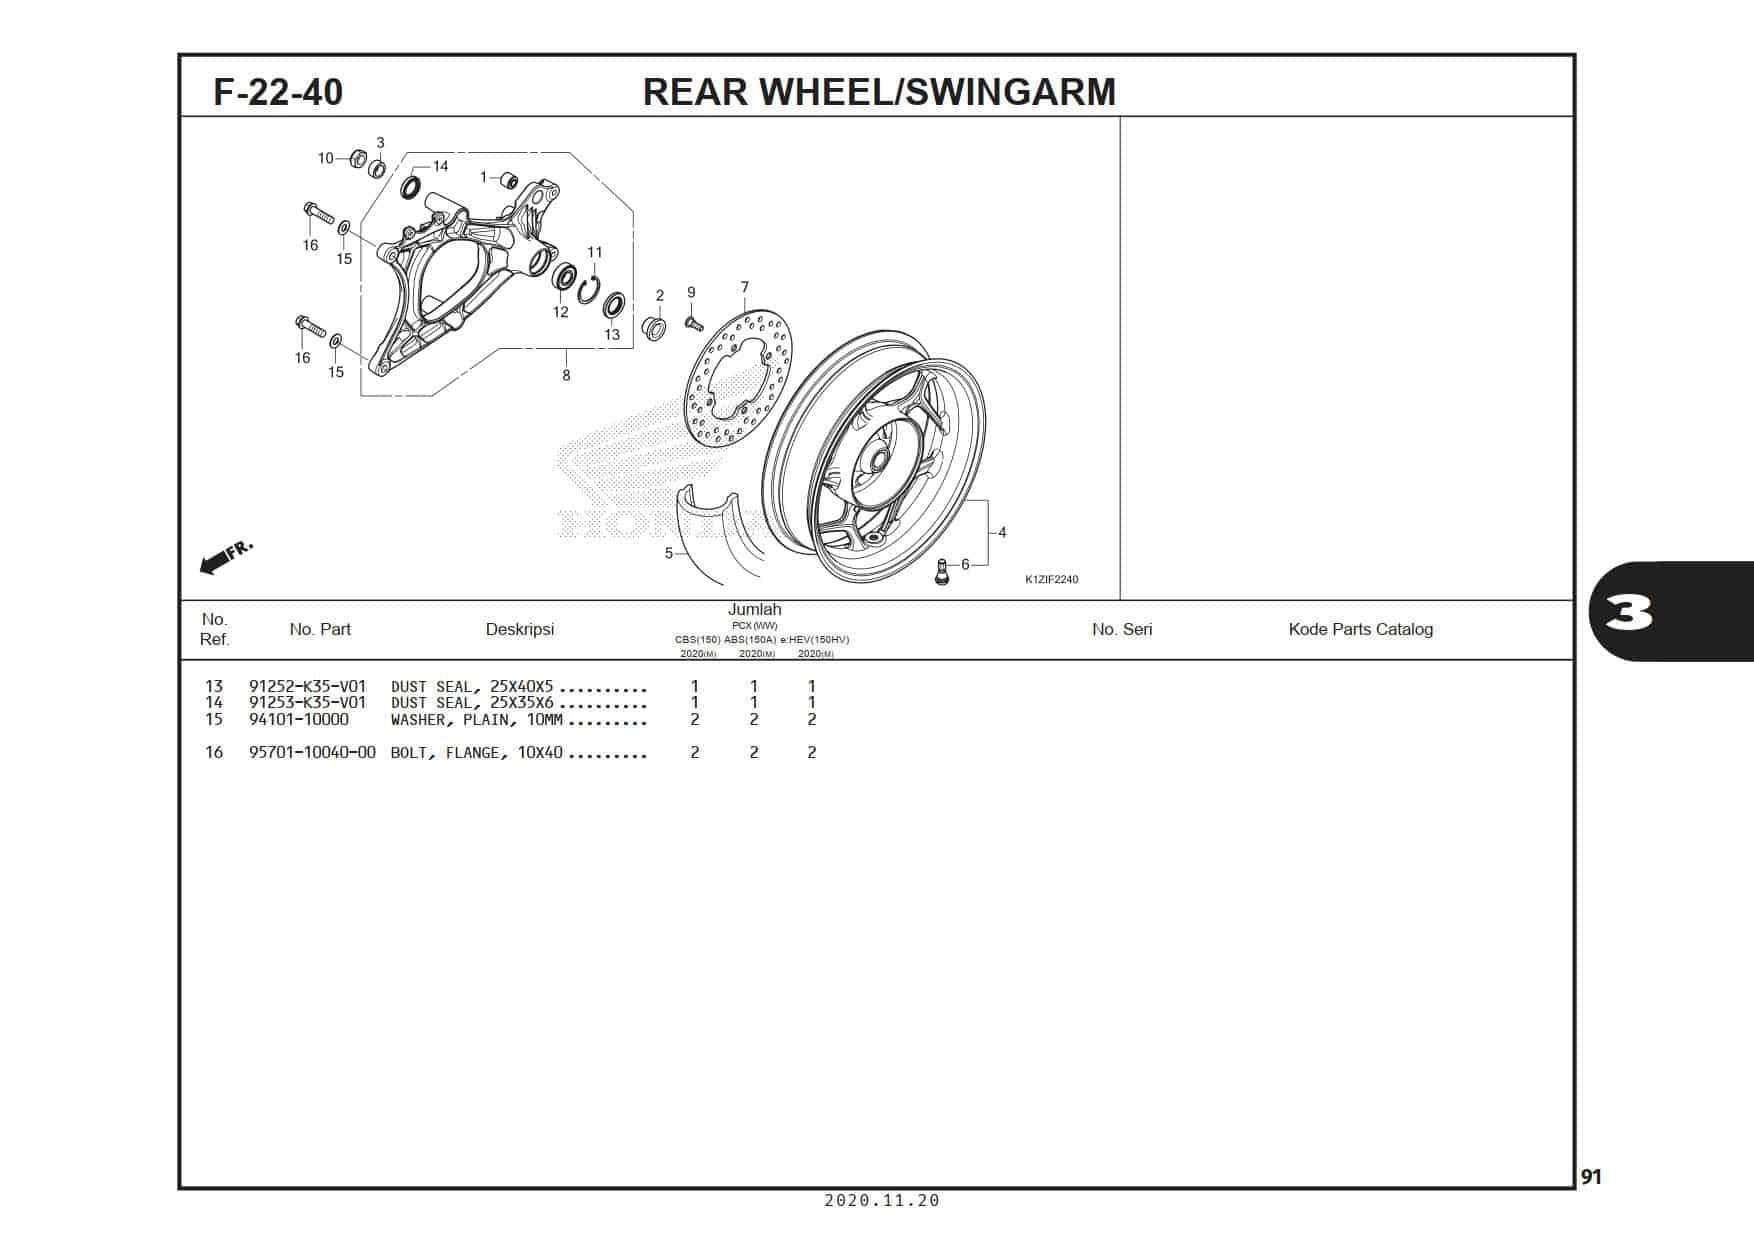 F-22-40 Rear Wheel/Swingarm